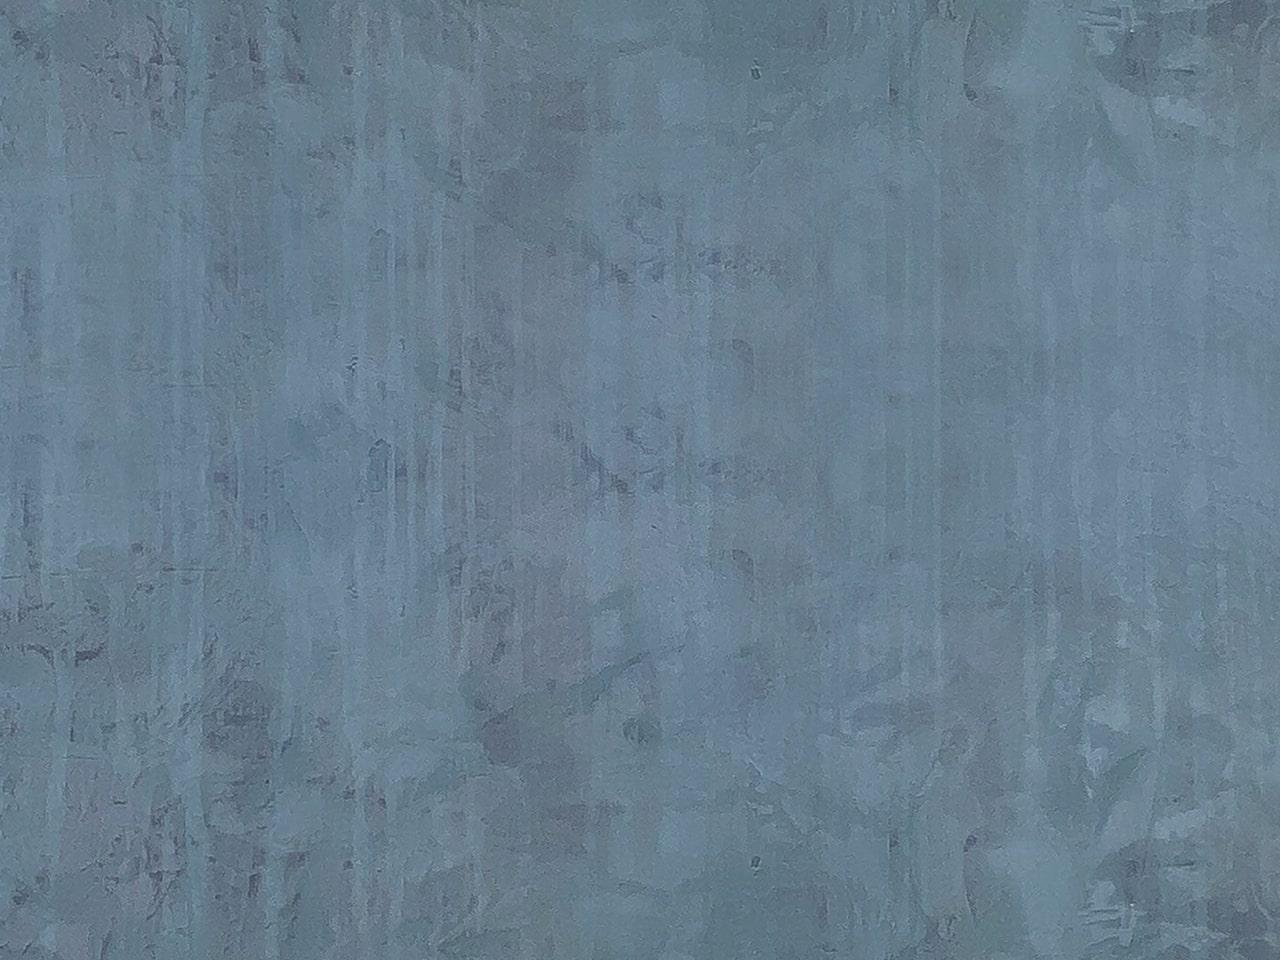 sơn giả bê tông rain aw7c - raw7c